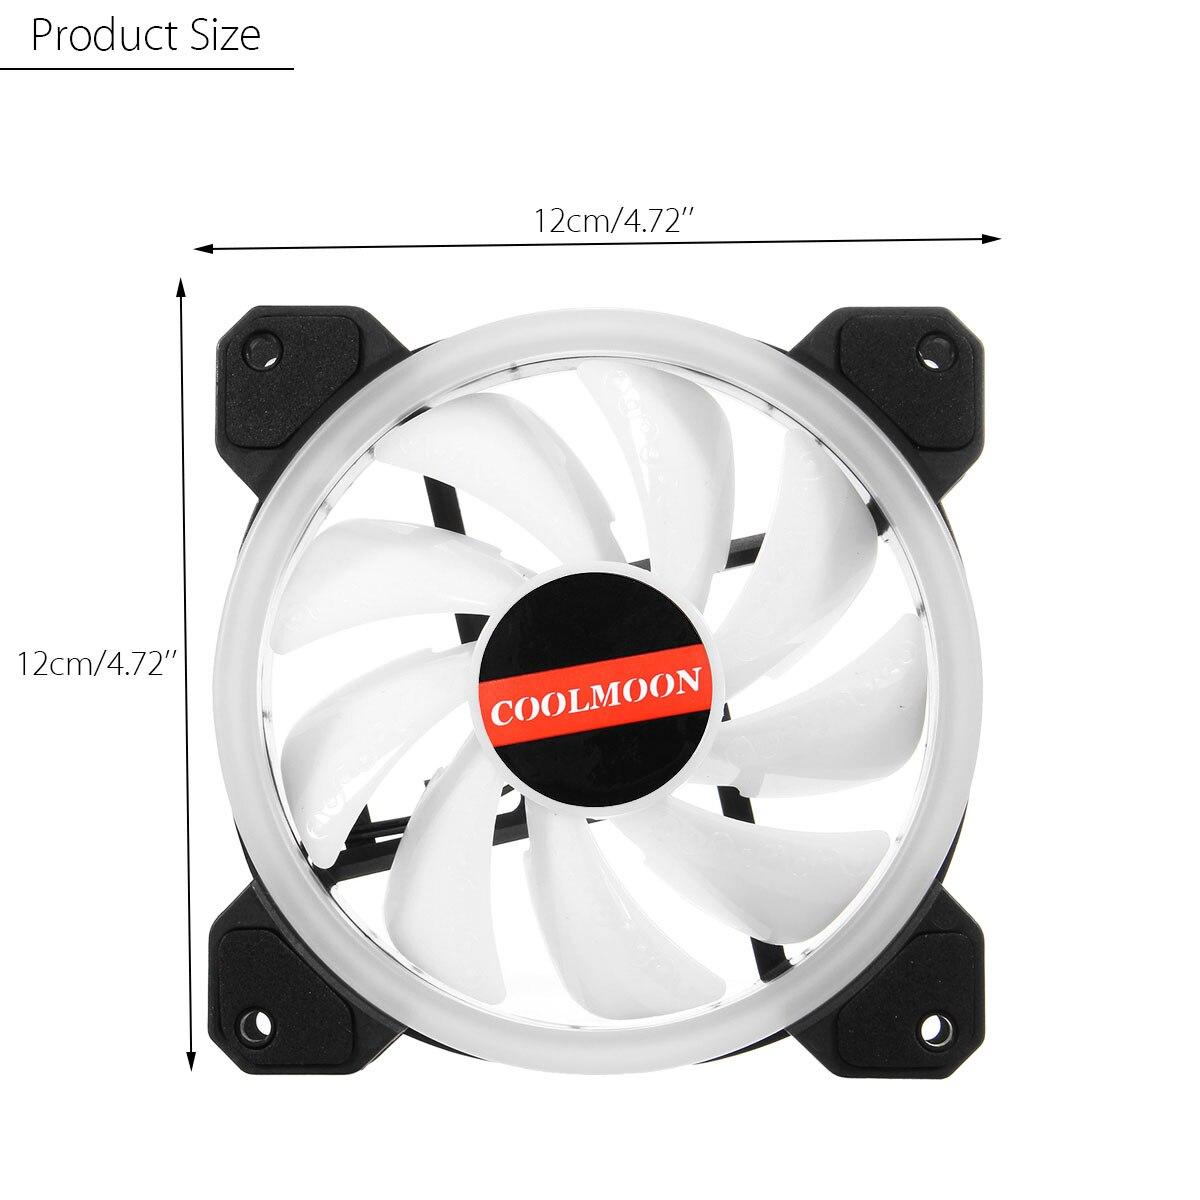 6 pièces coque d'ordinateur PC ventilateur de refroidissement RGB ventilateur de refroidissement ajuster LED 120mm silencieux IR à distance ordinateur refroidisseur refroidissement RGB boîtier ventilateur pour CPU - 6